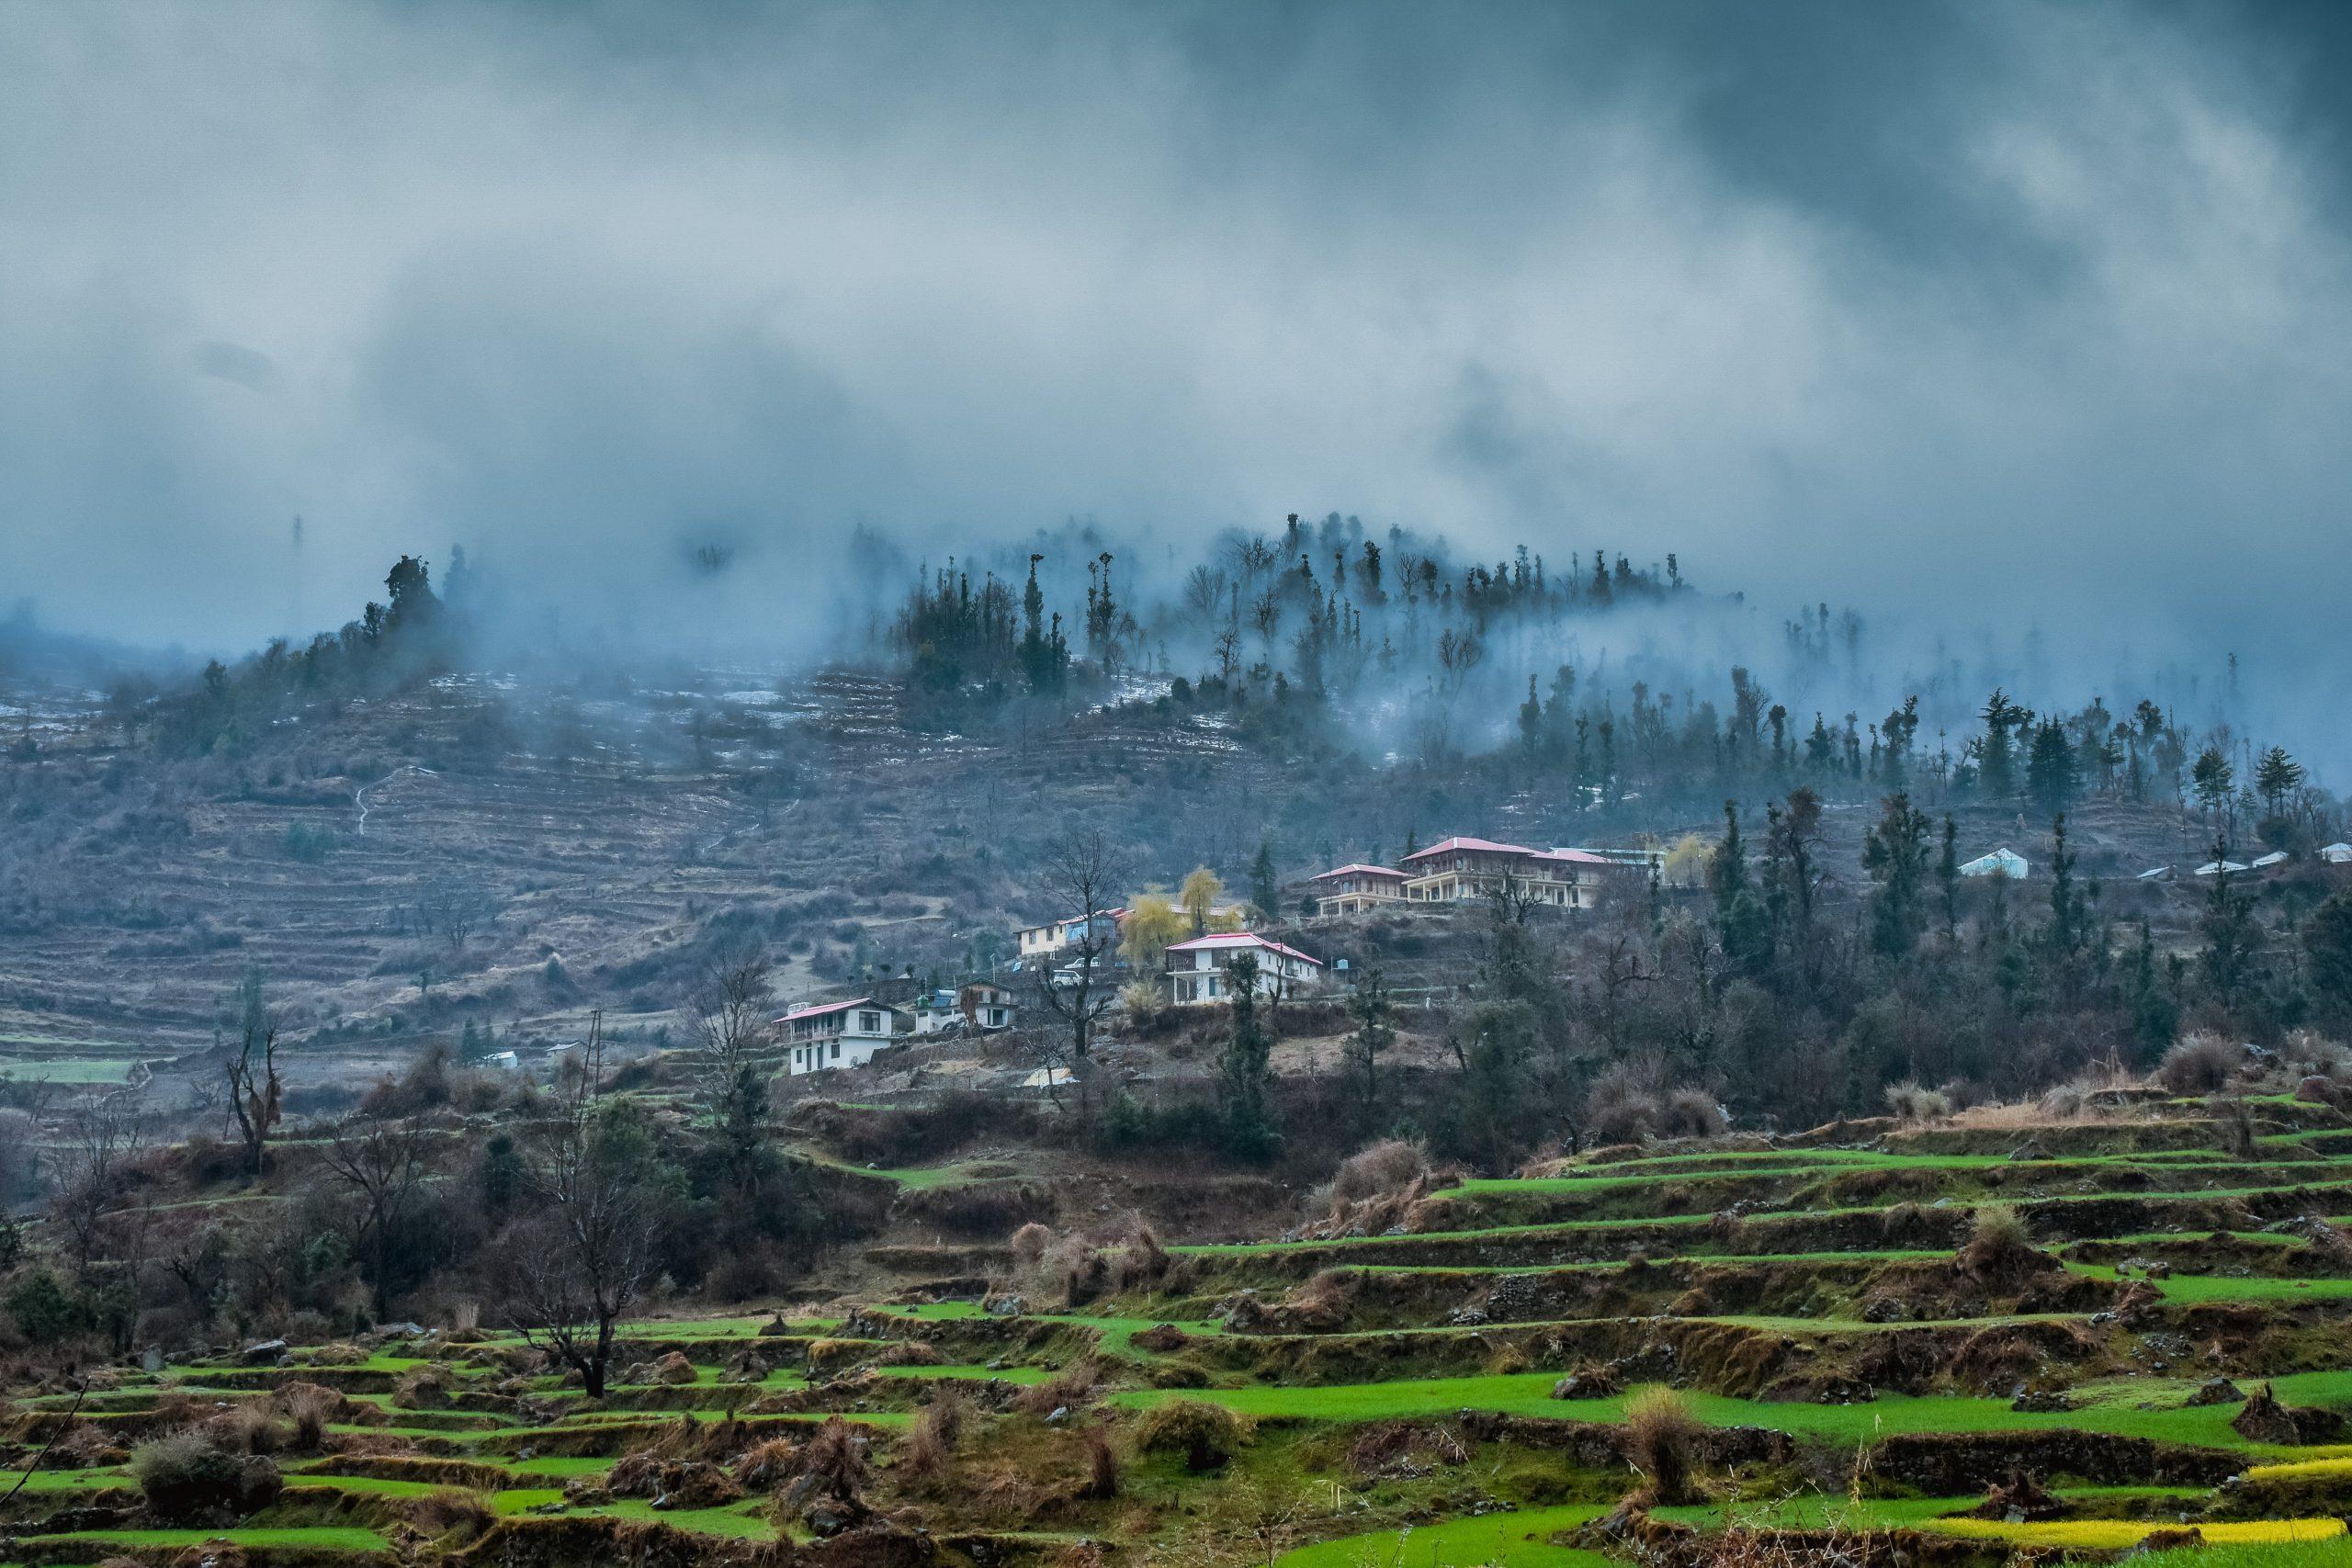 Uttarakhand. Courtesy: Vivek Sharma/Unsplash